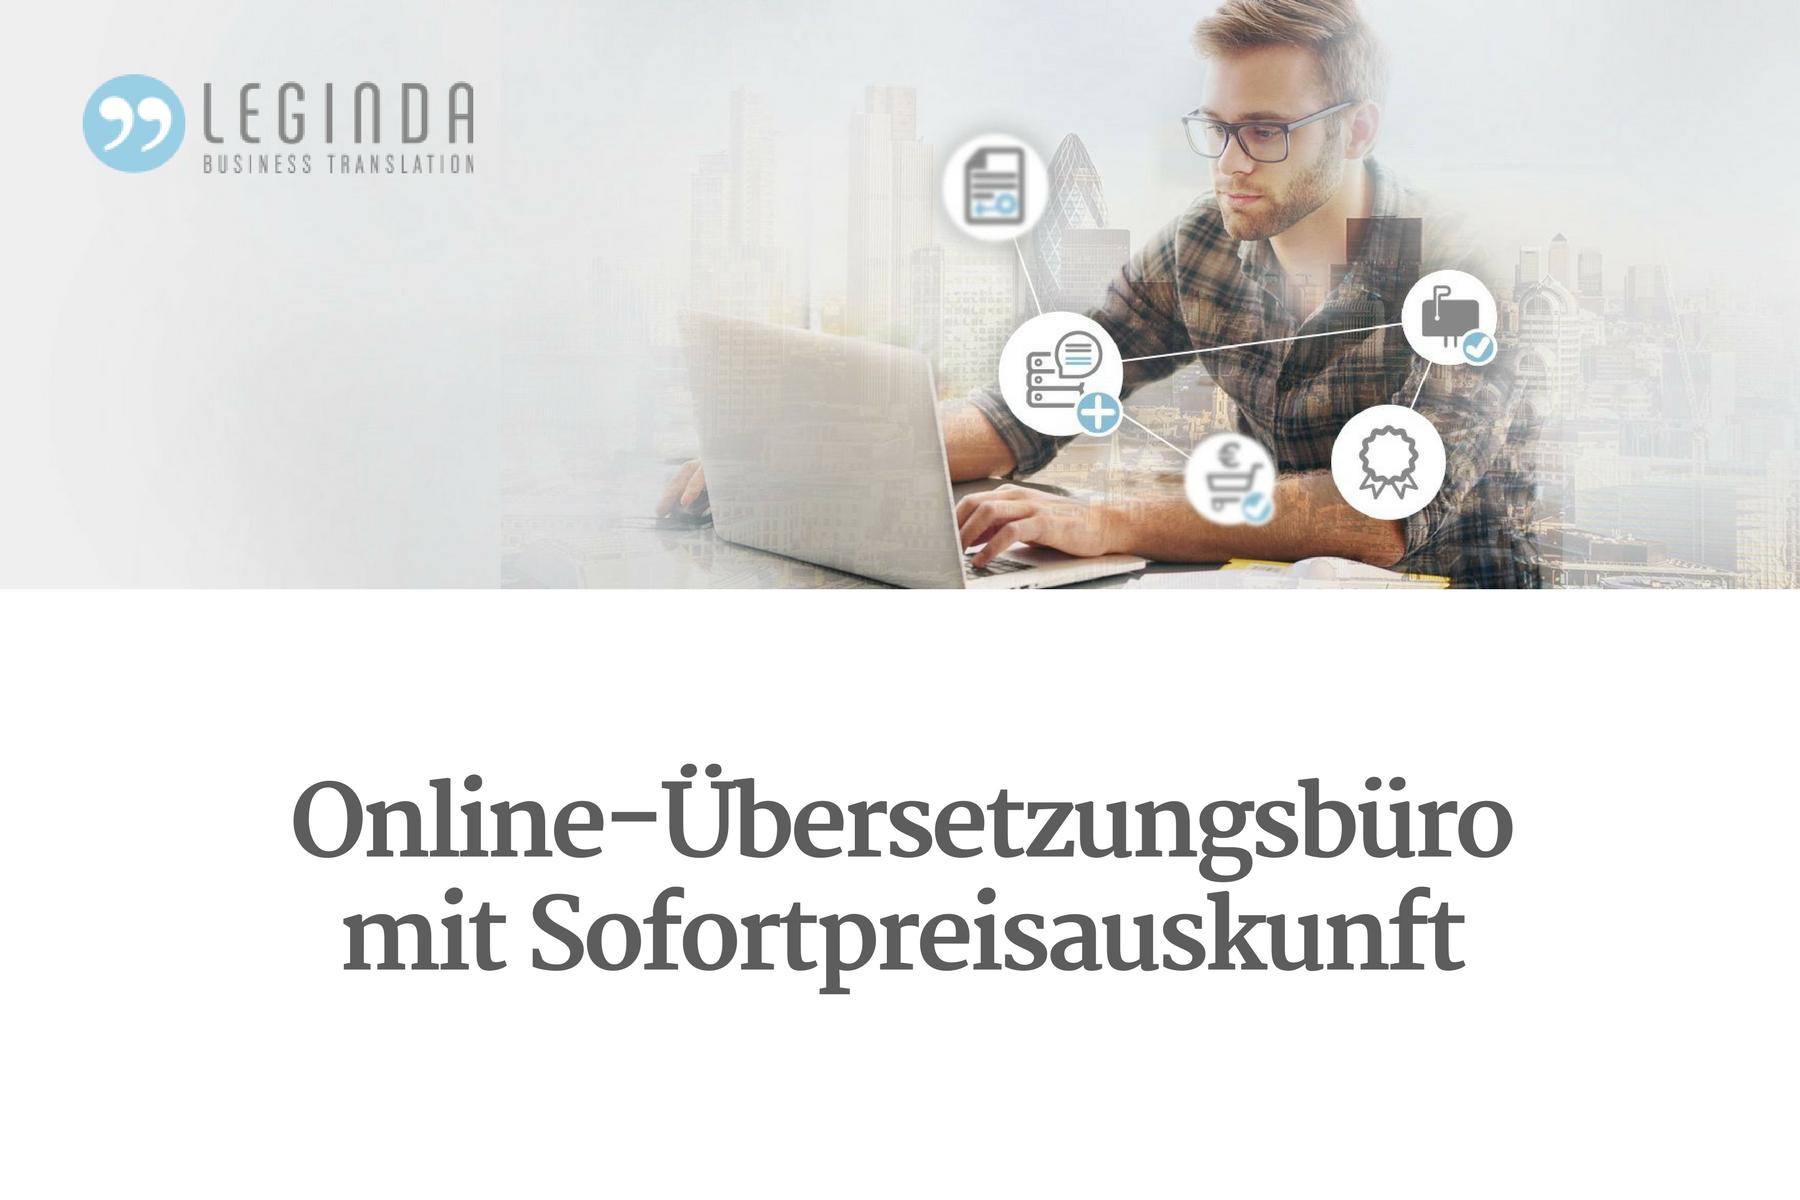 Leginda Online übersetzungsbüro Mit Sofortpreisauskunft